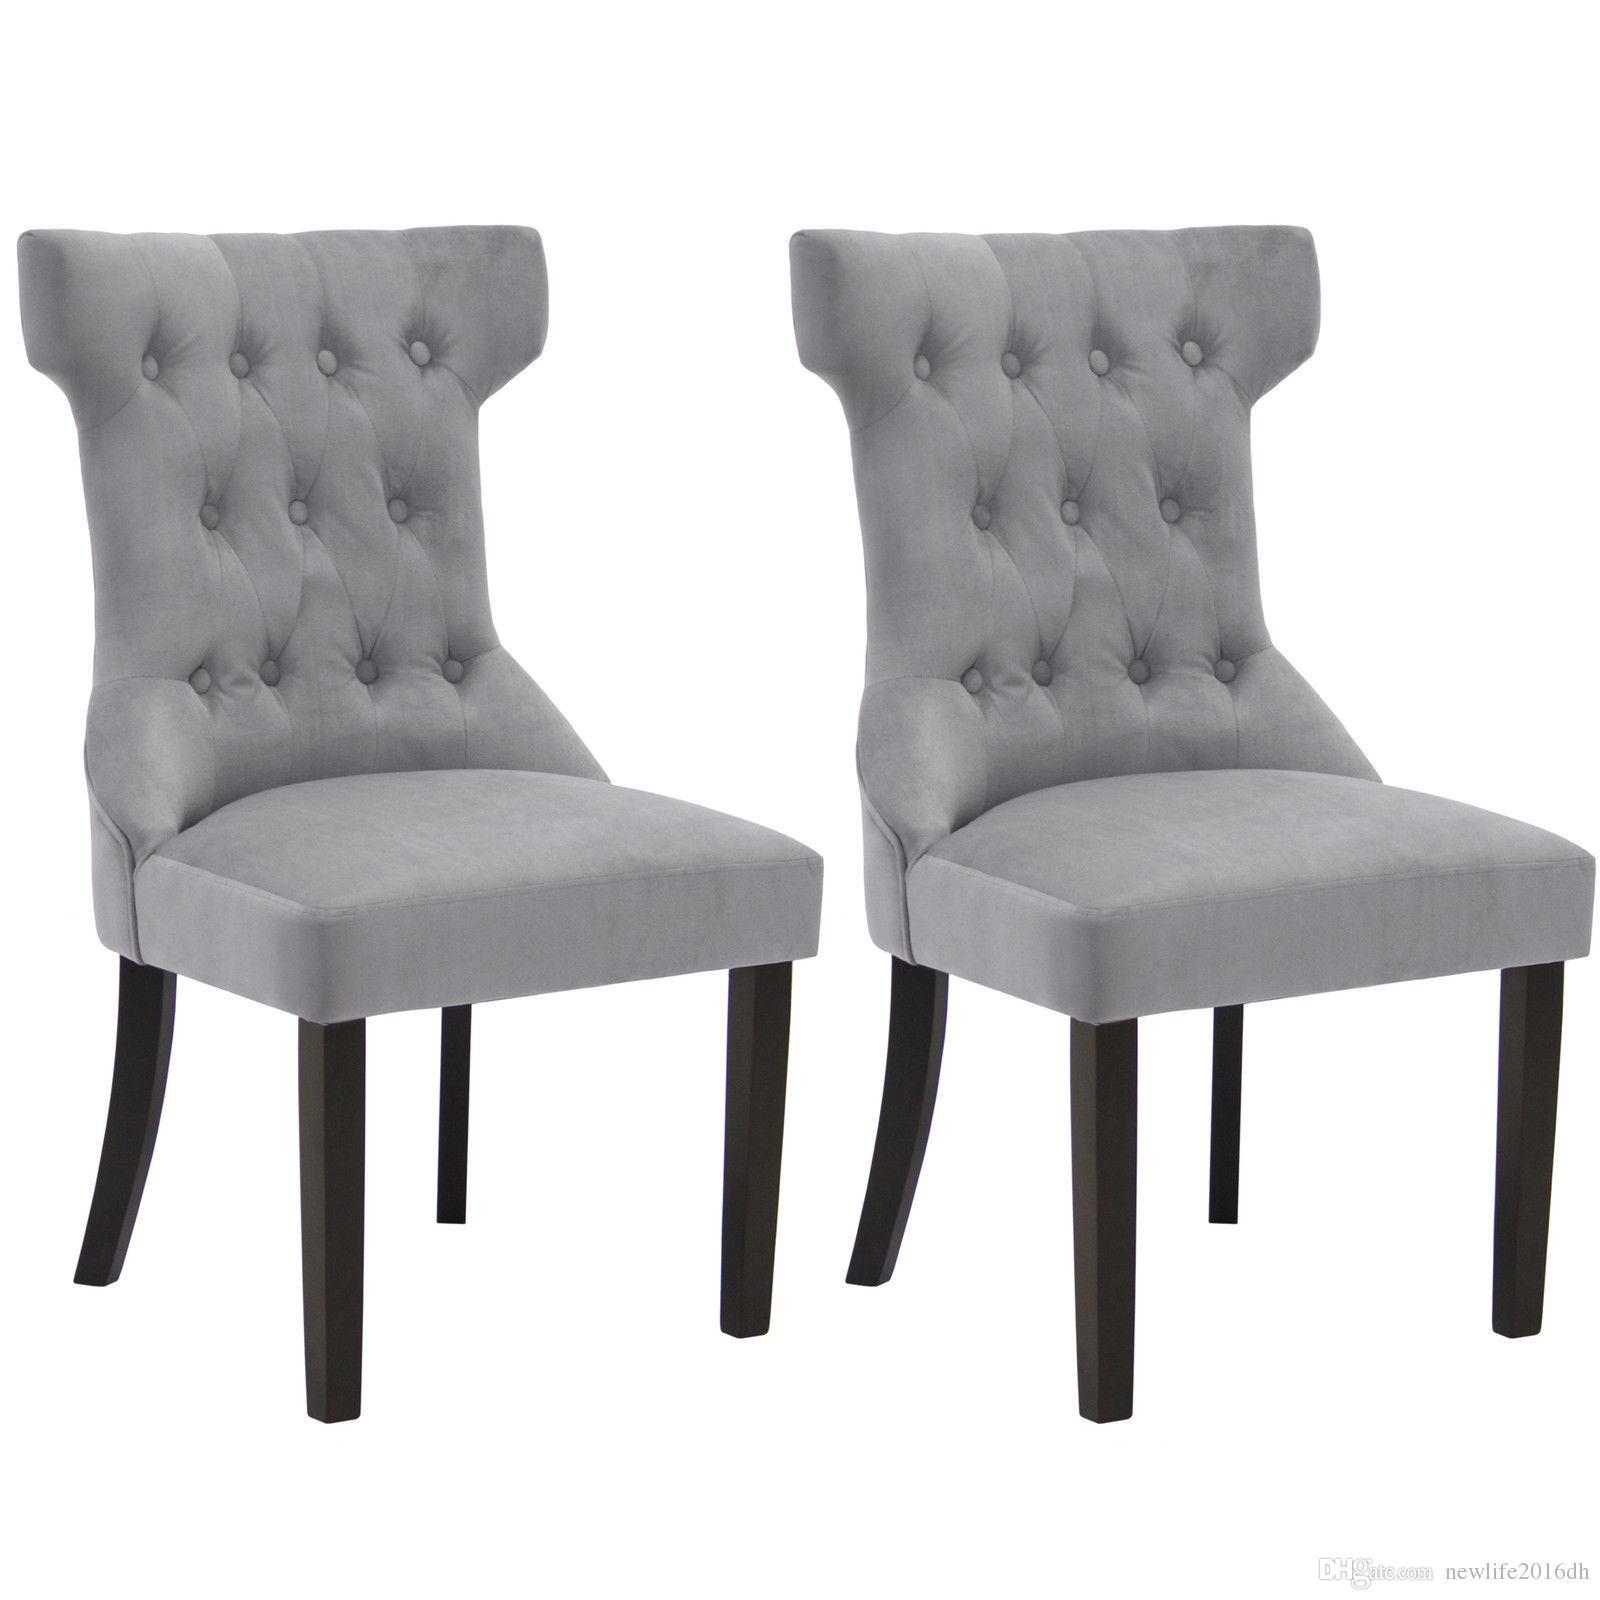 Grosshandel Bcp 2er Set Elegantes Design Getuftete Esszimmerstuhle